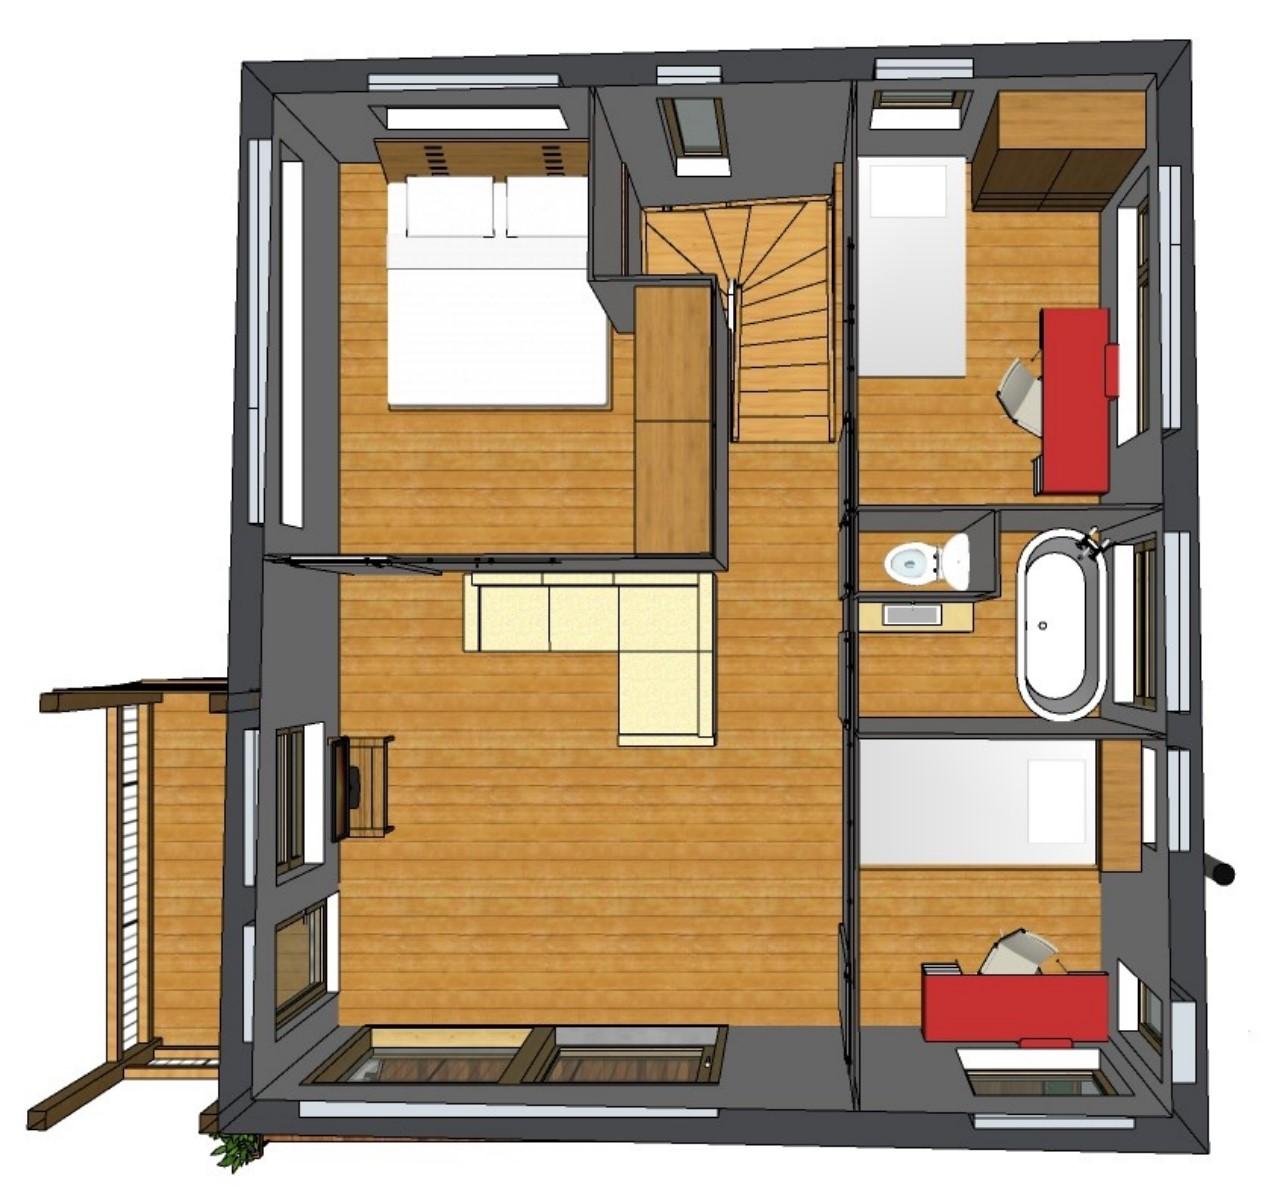 la compacte à étage 2.8 [1600x1200]